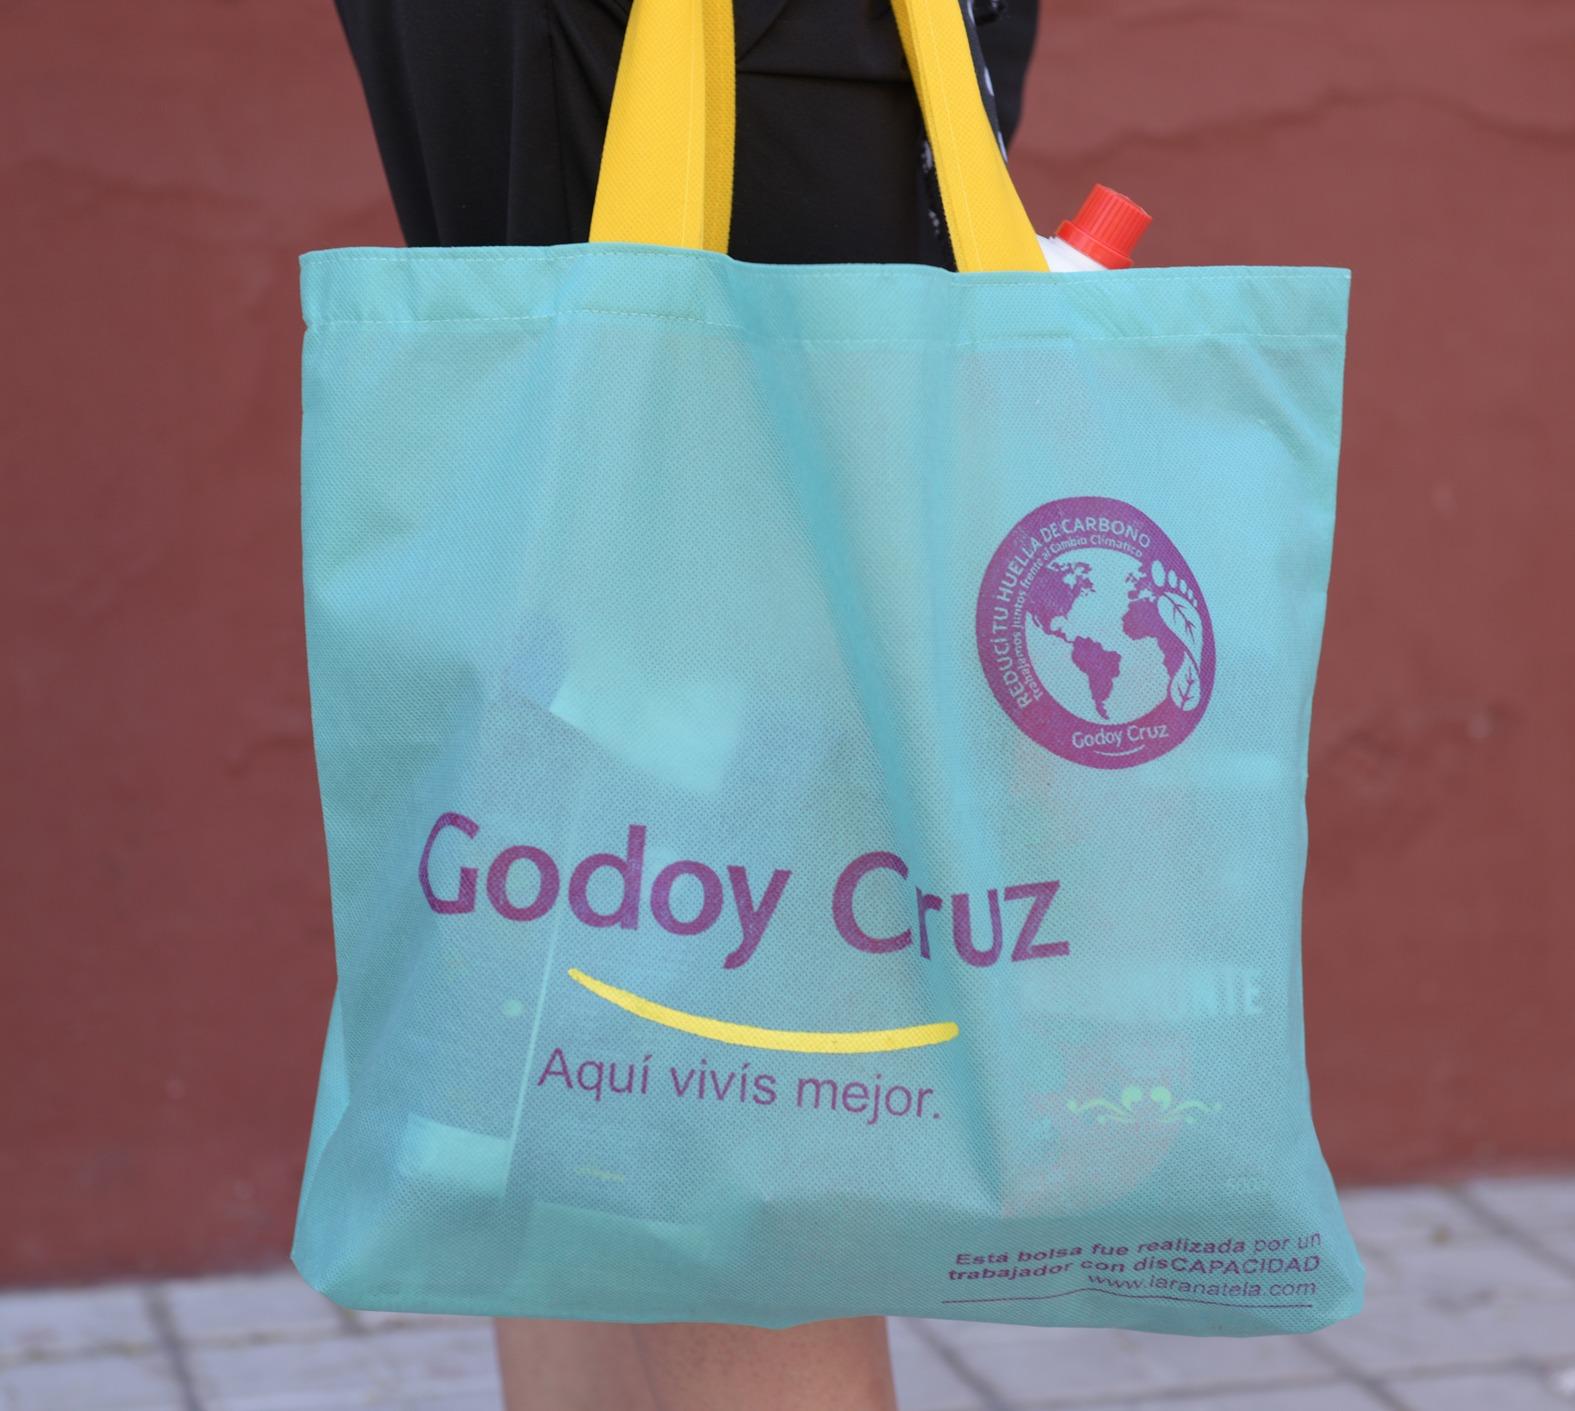 8b1a6e500 Comenzaron a distribuirse las bolsas ecológicas en los barrios de ...